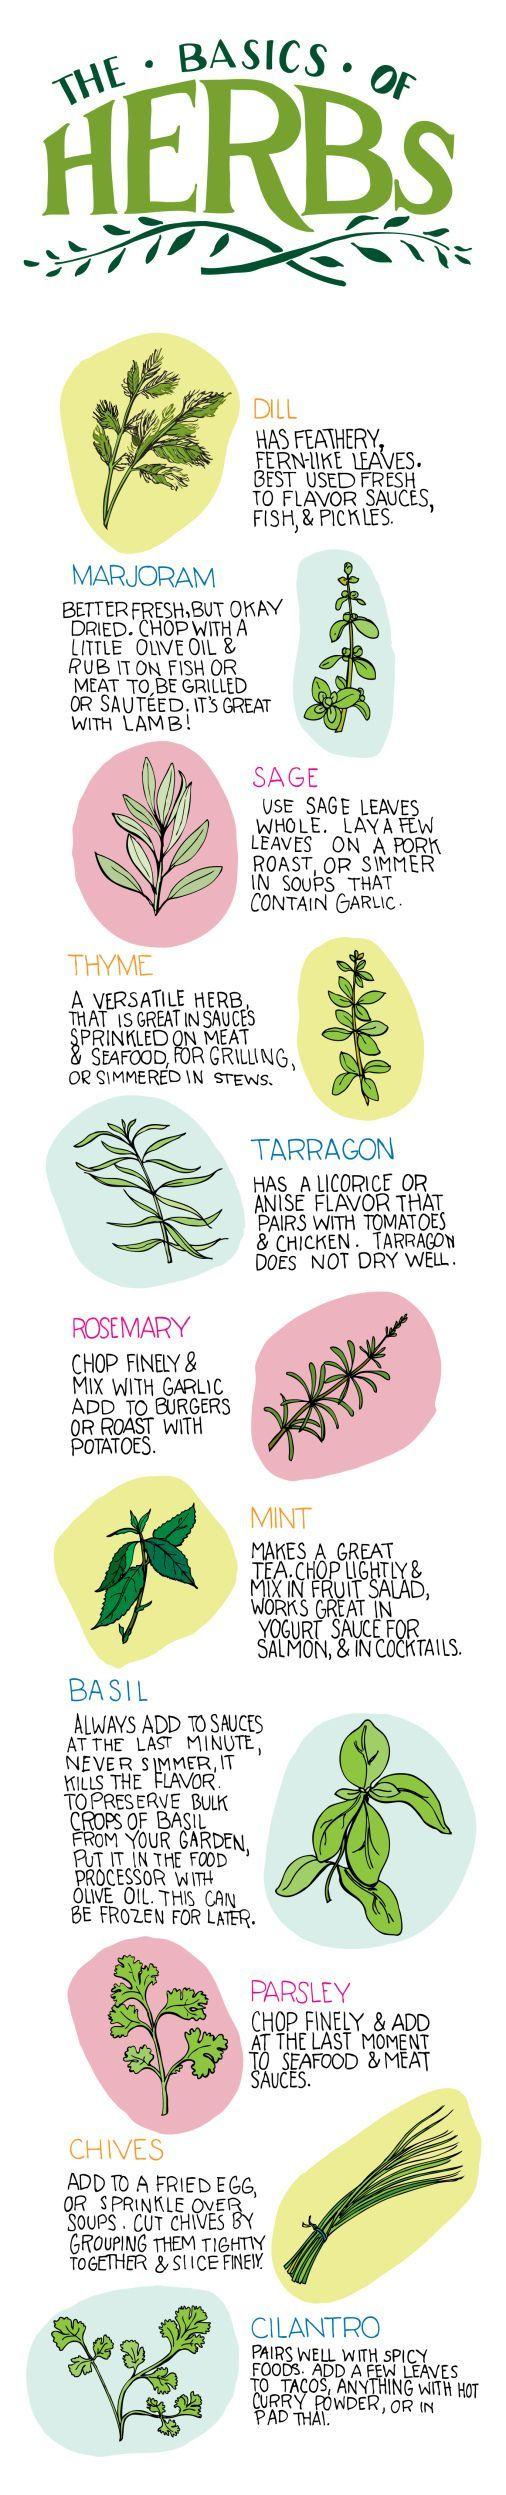 >> best of the web: DIY indoor herb garden ideas